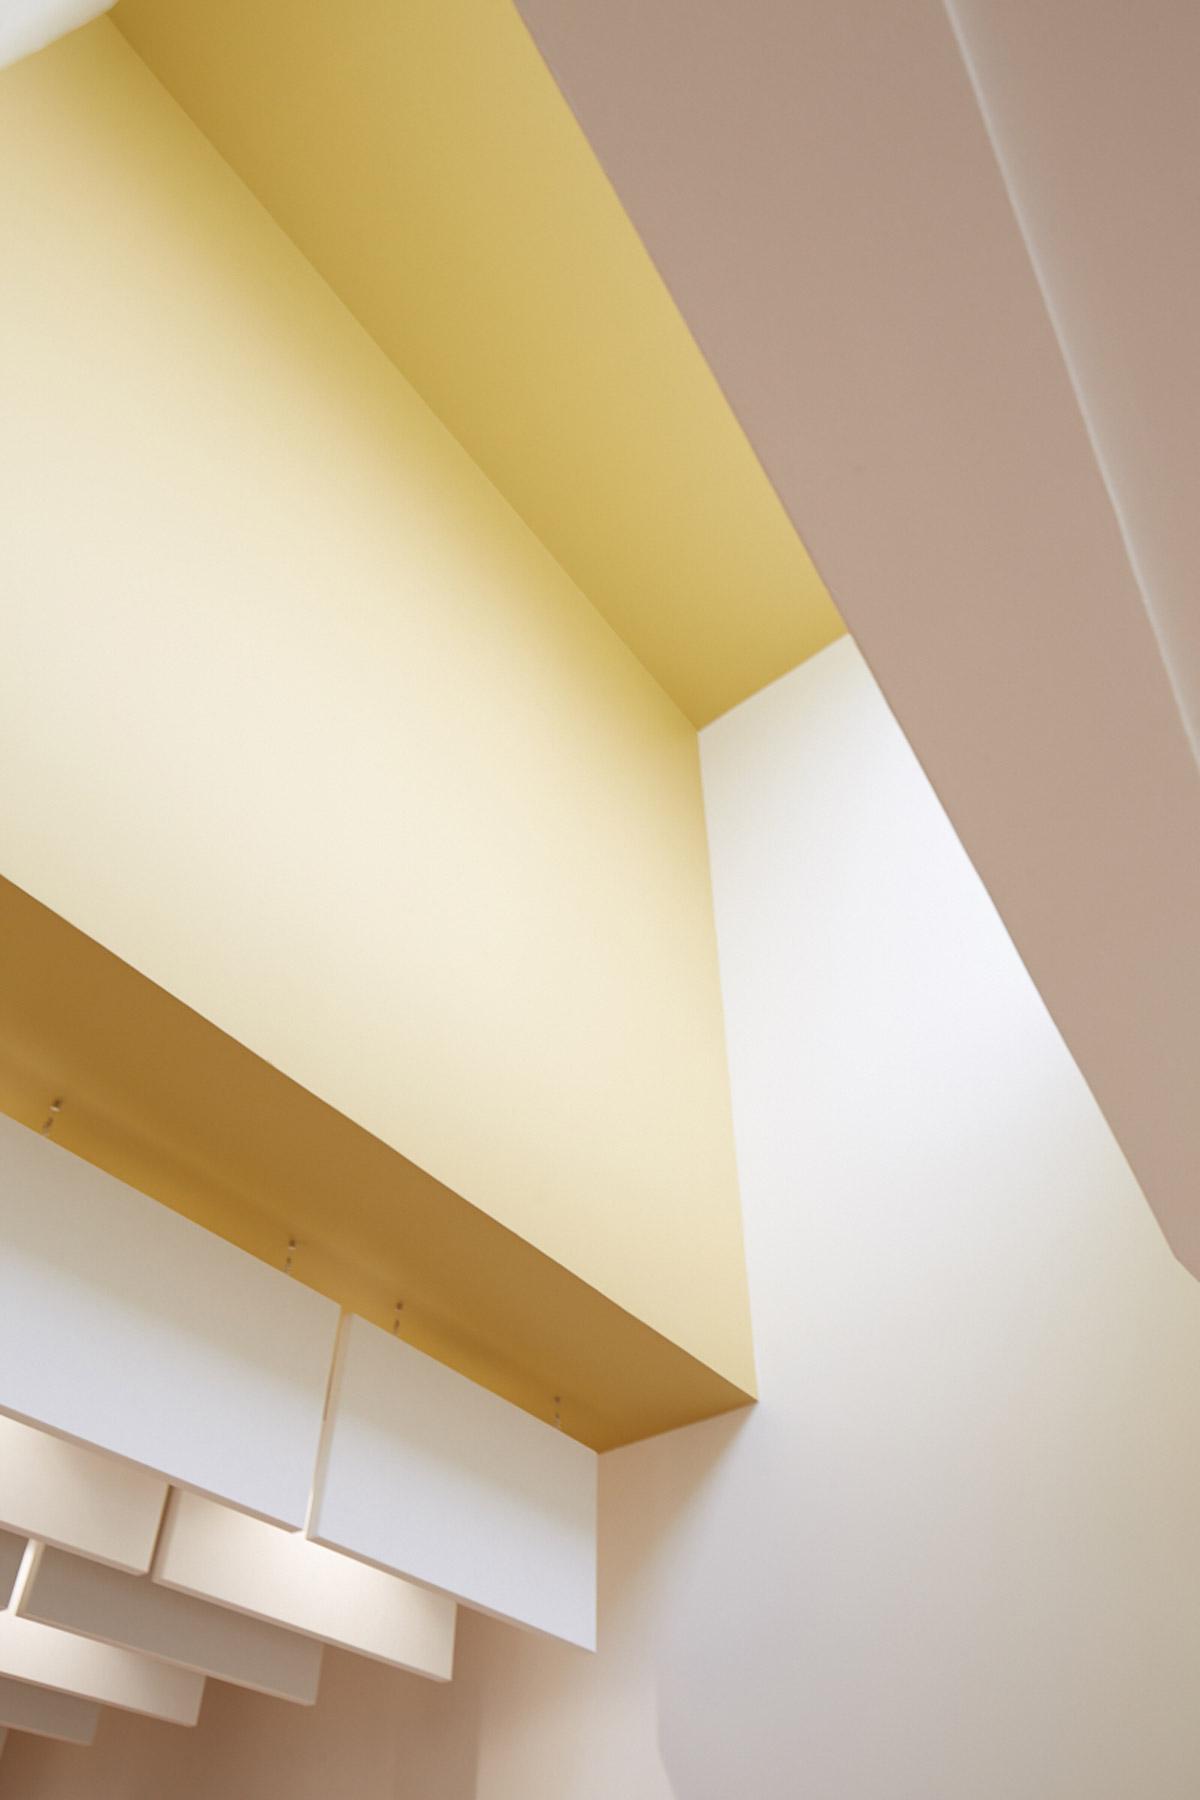 dojo caudebec les elbeuf -detail plafond